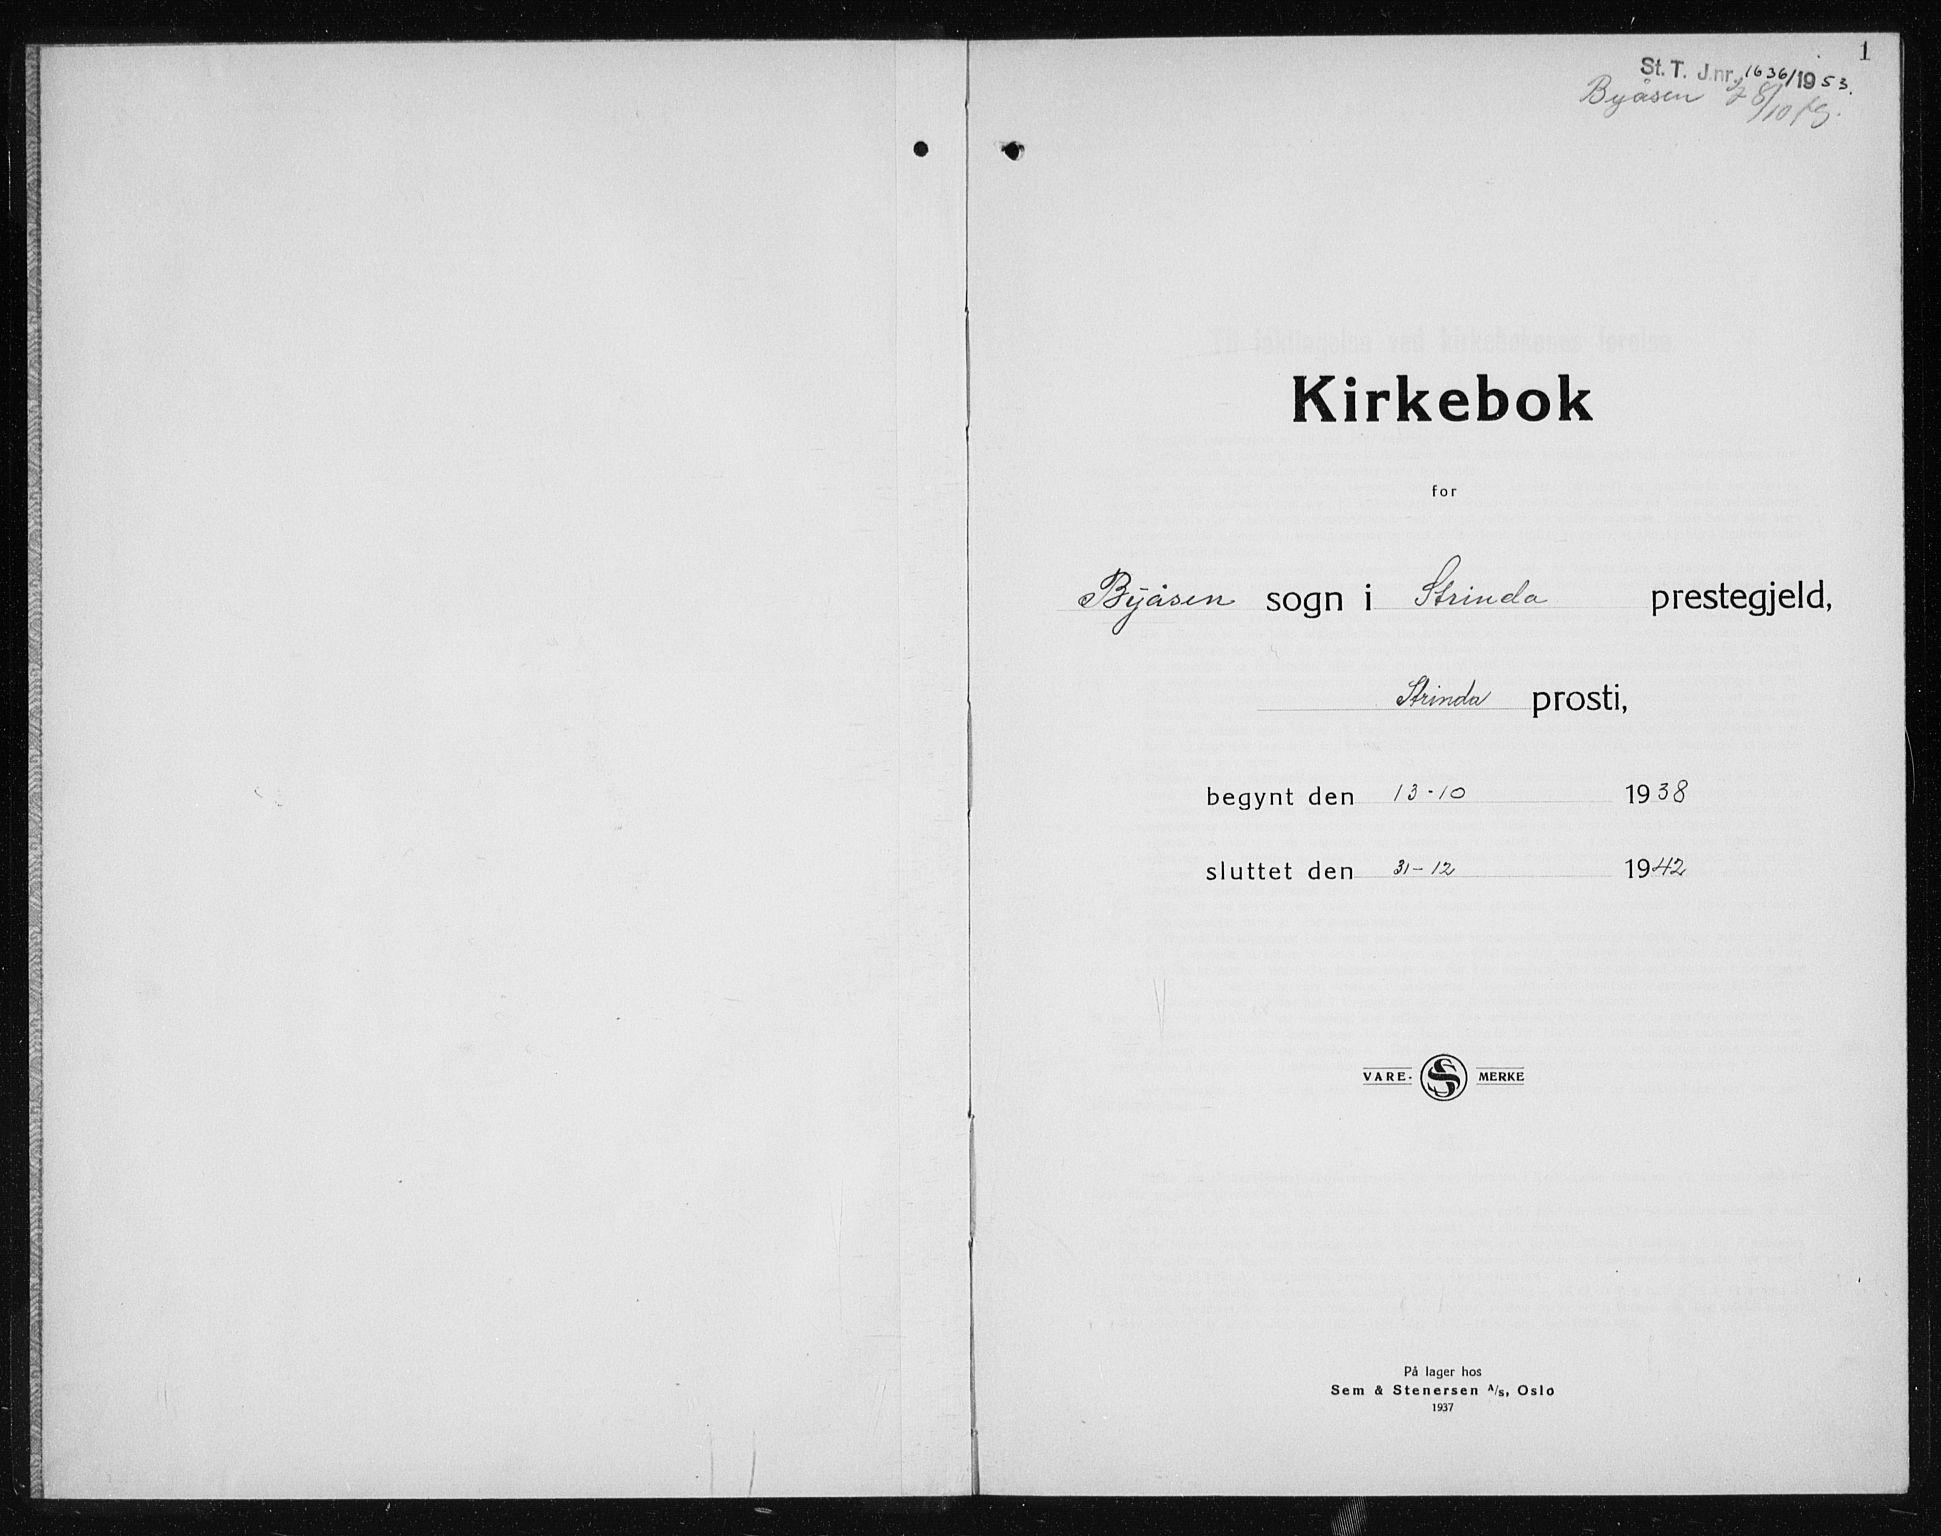 SAT, Ministerialprotokoller, klokkerbøker og fødselsregistre - Sør-Trøndelag, 611/L0357: Klokkerbok nr. 611C05, 1938-1942, s. 1